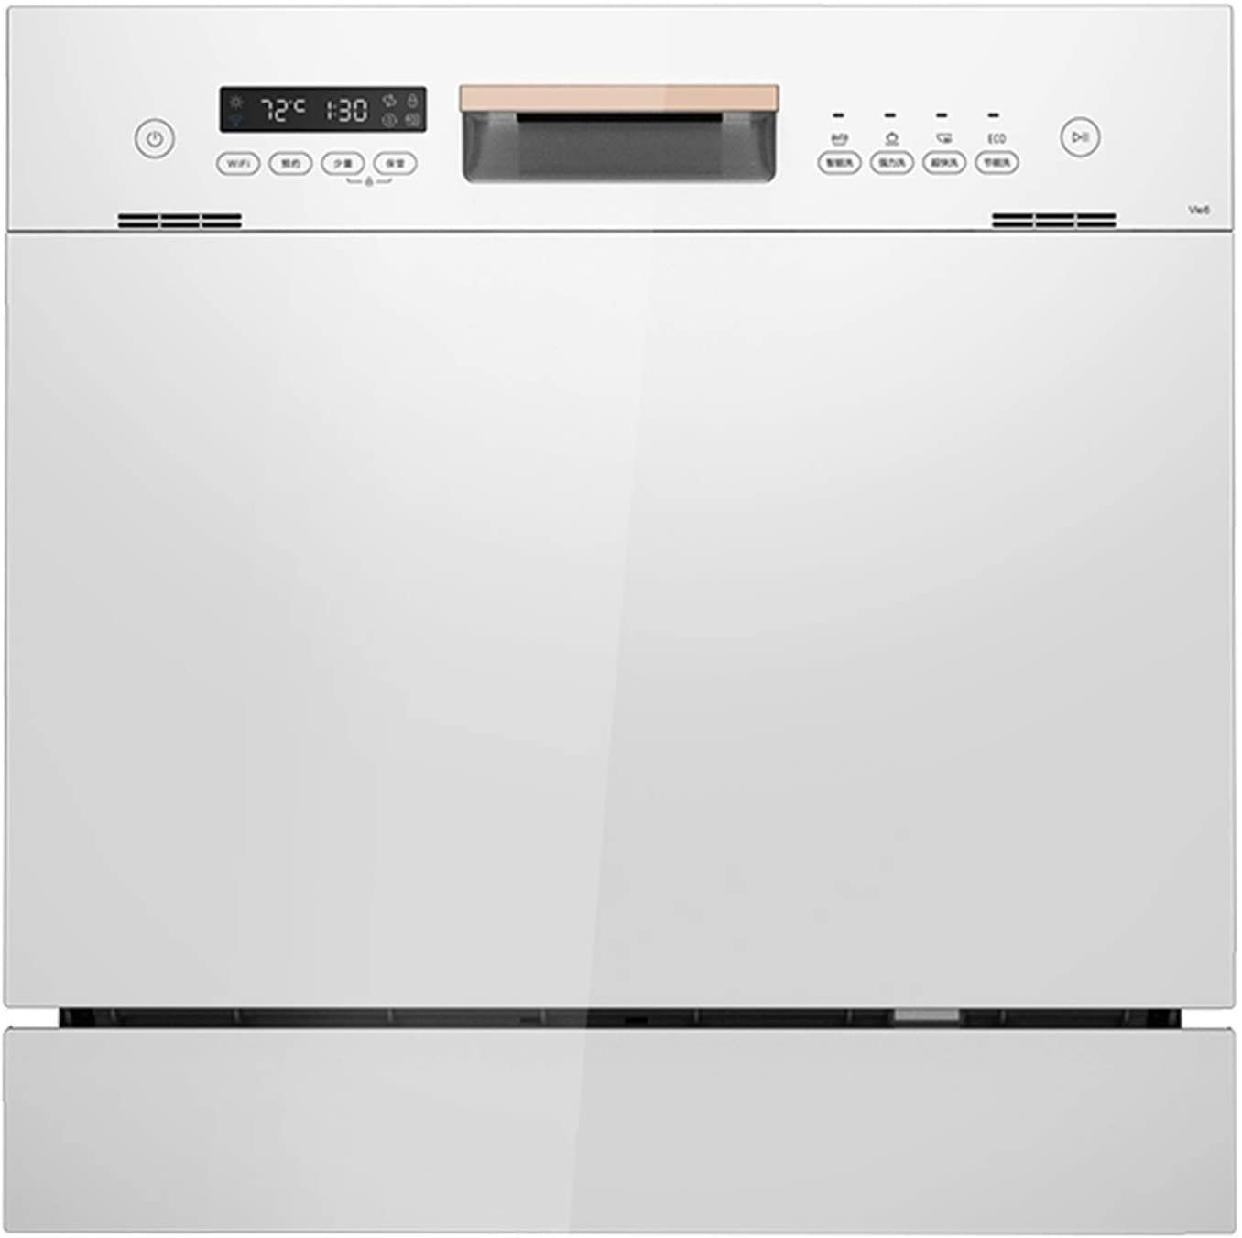 グオダシタンセン ビルトイン食器洗い乾燥機 ホワイトの商品画像